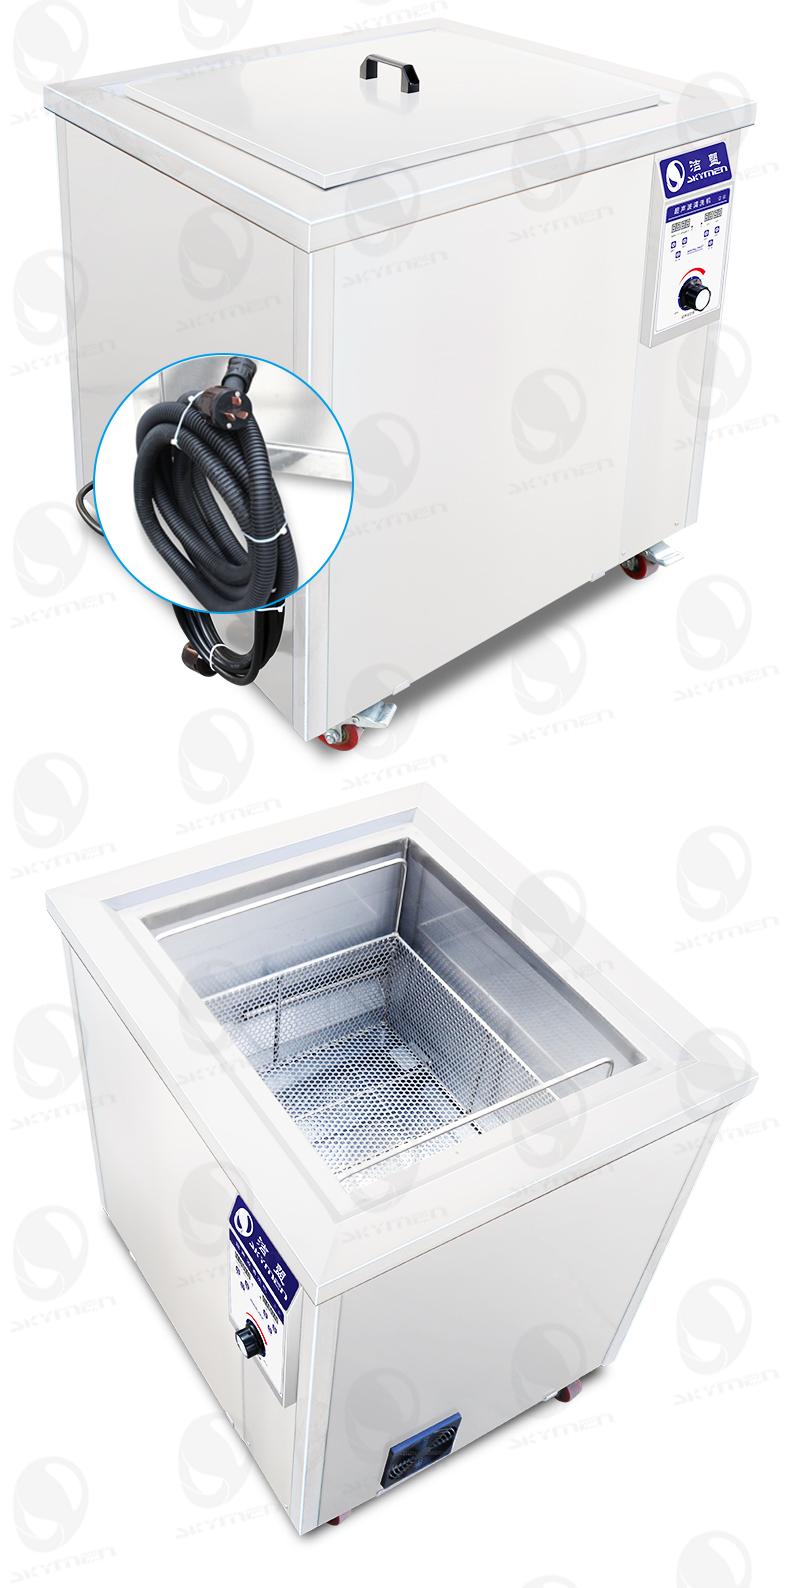 洁盟工业单槽超声波清洗机详情图_04